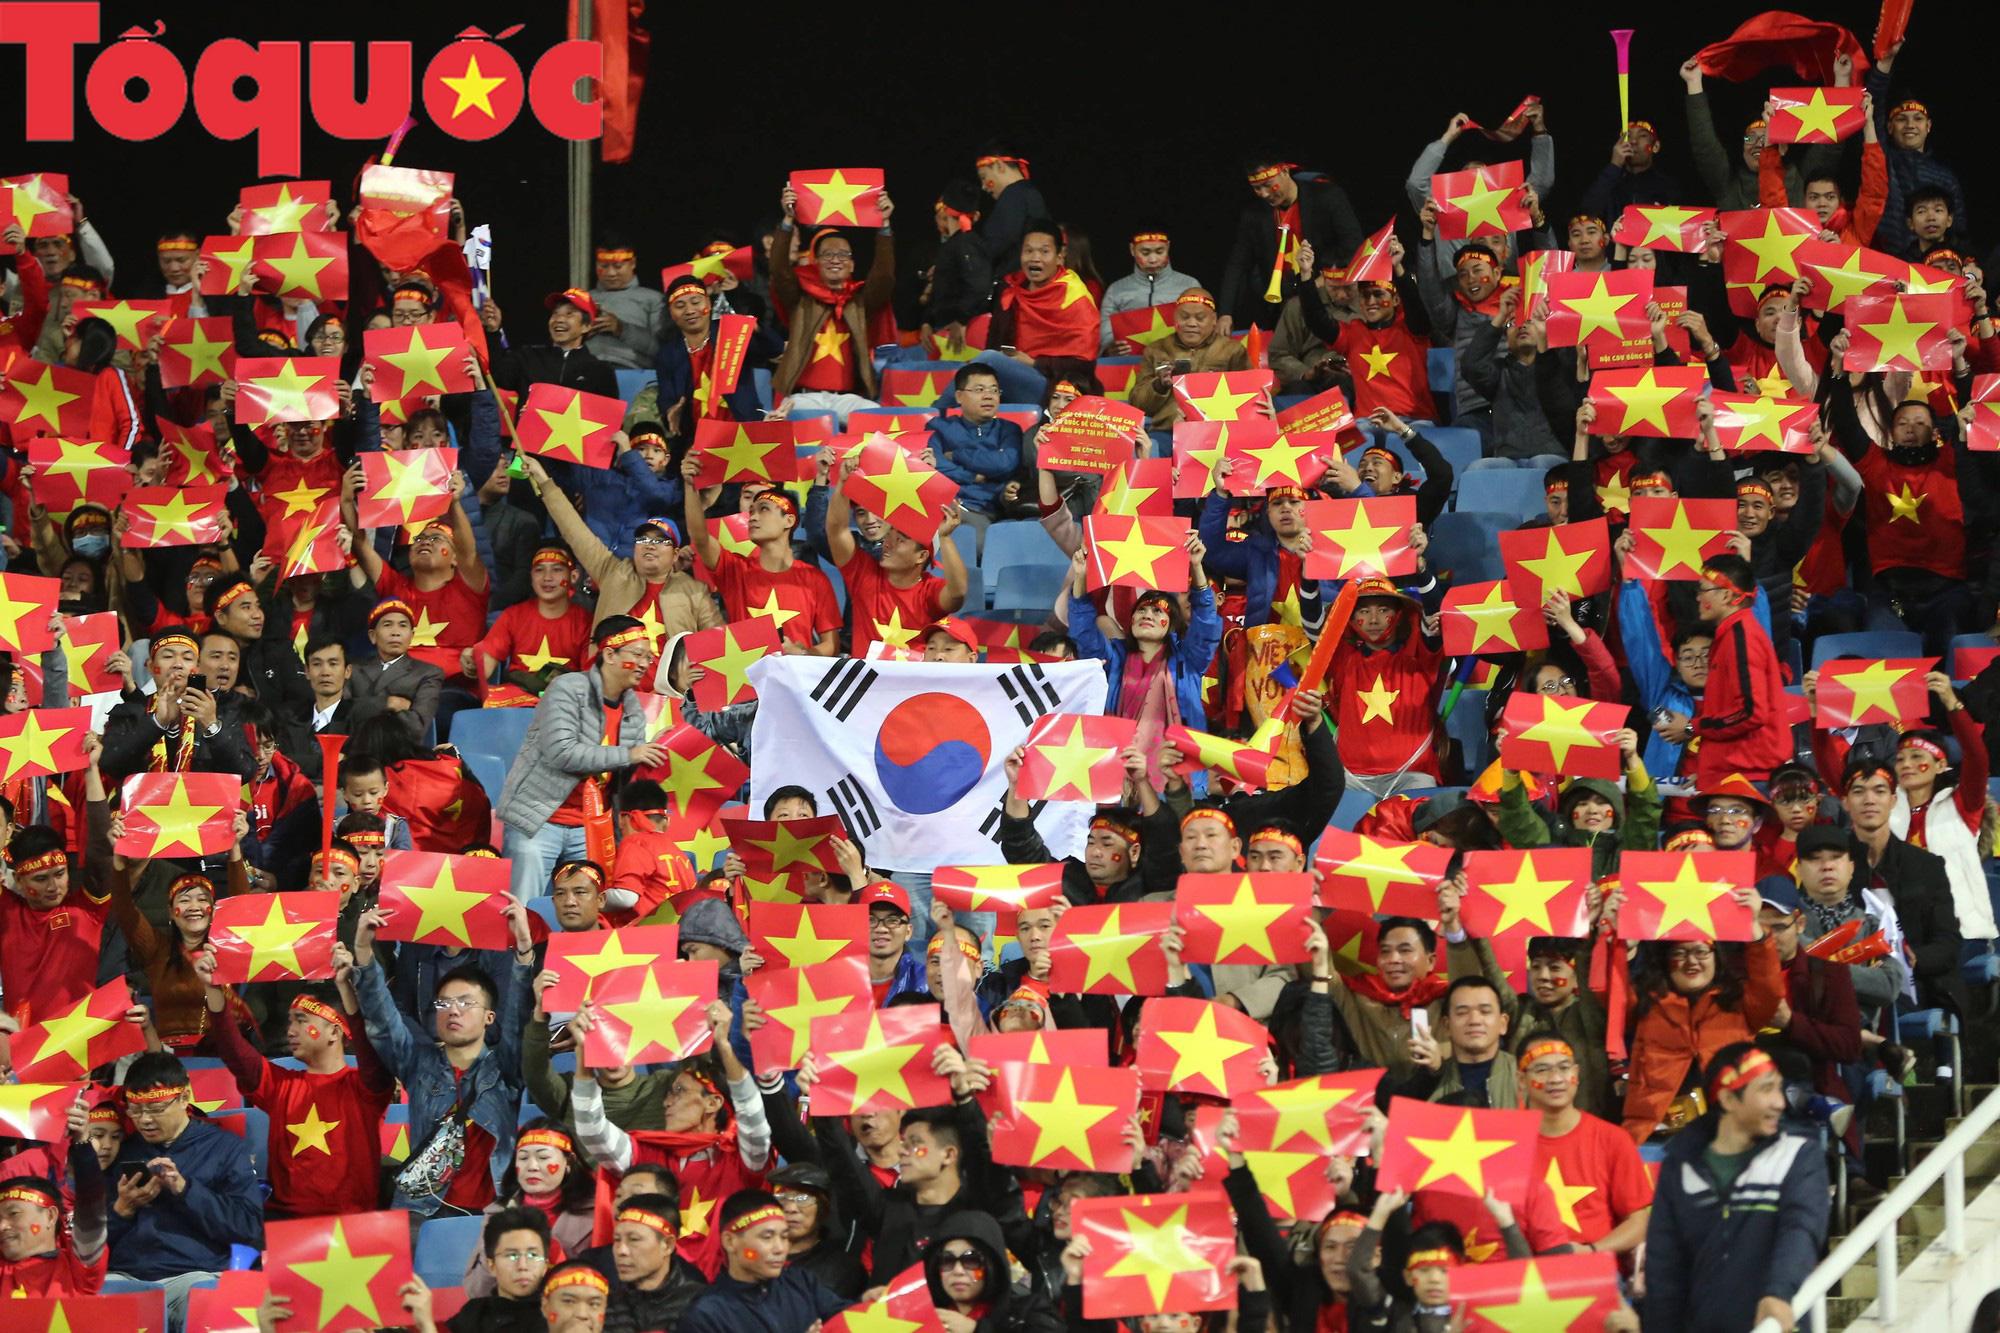 Ông Park ơi, trong lòng người hâm mộ Việt Nam không chỉ dành tình yêu cho riêng ông mà còn cả xứ sở Kim chi nữa đấy - Ảnh 2.